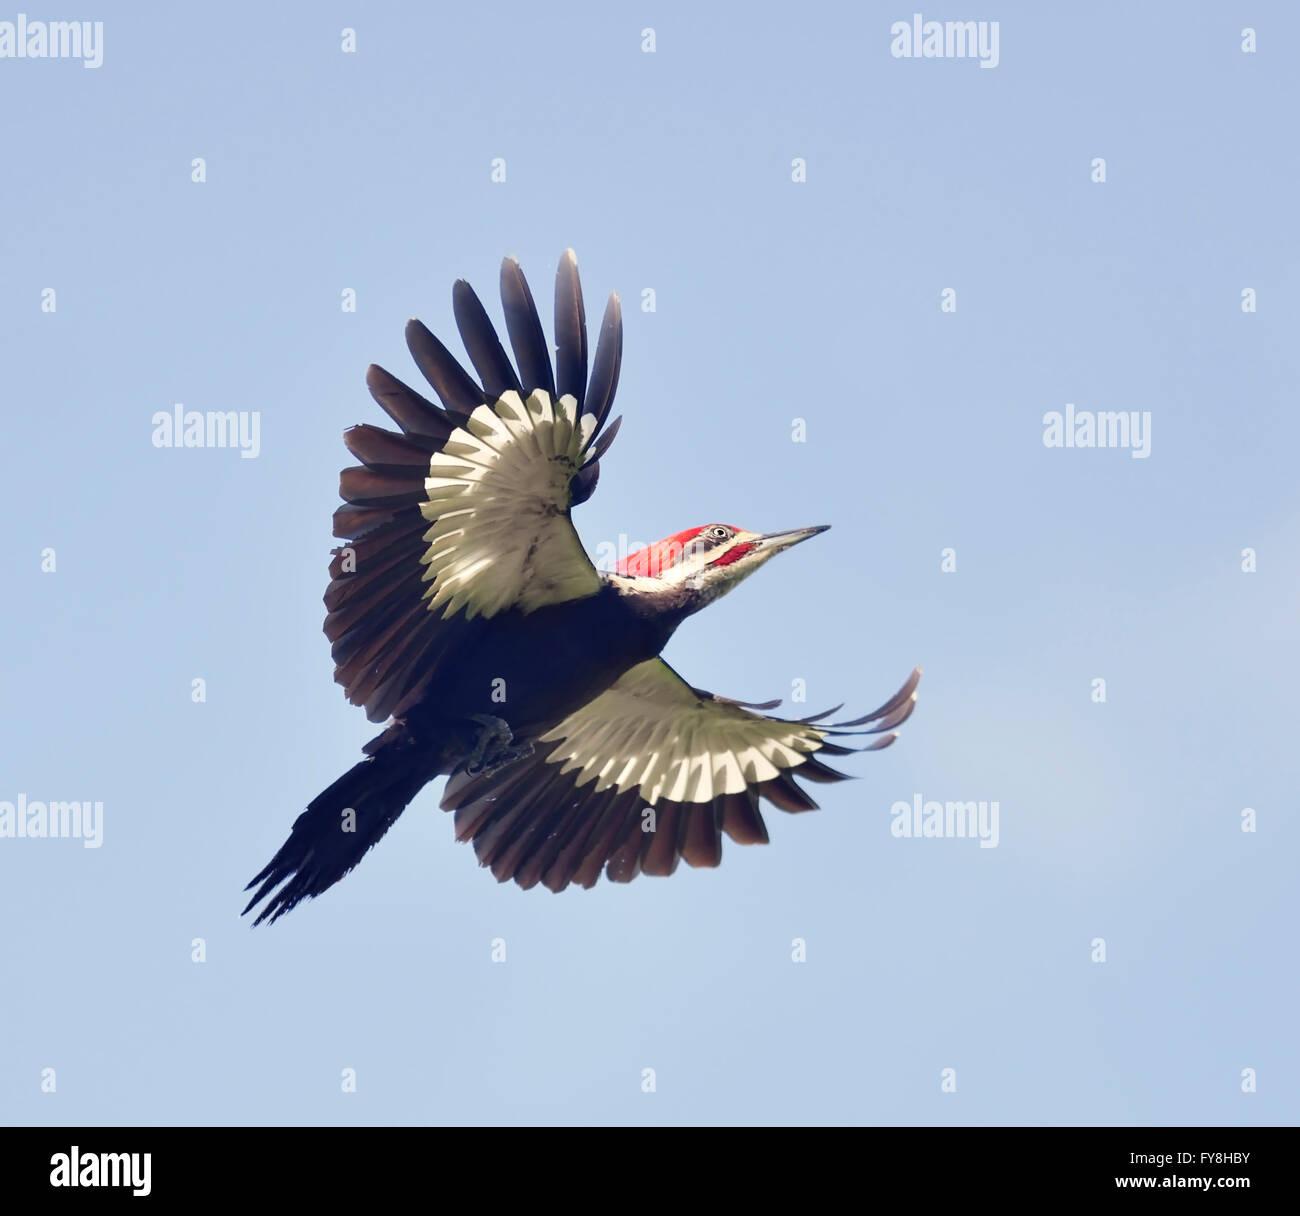 Male Pileated Woodpecker in Flight - Stock Image